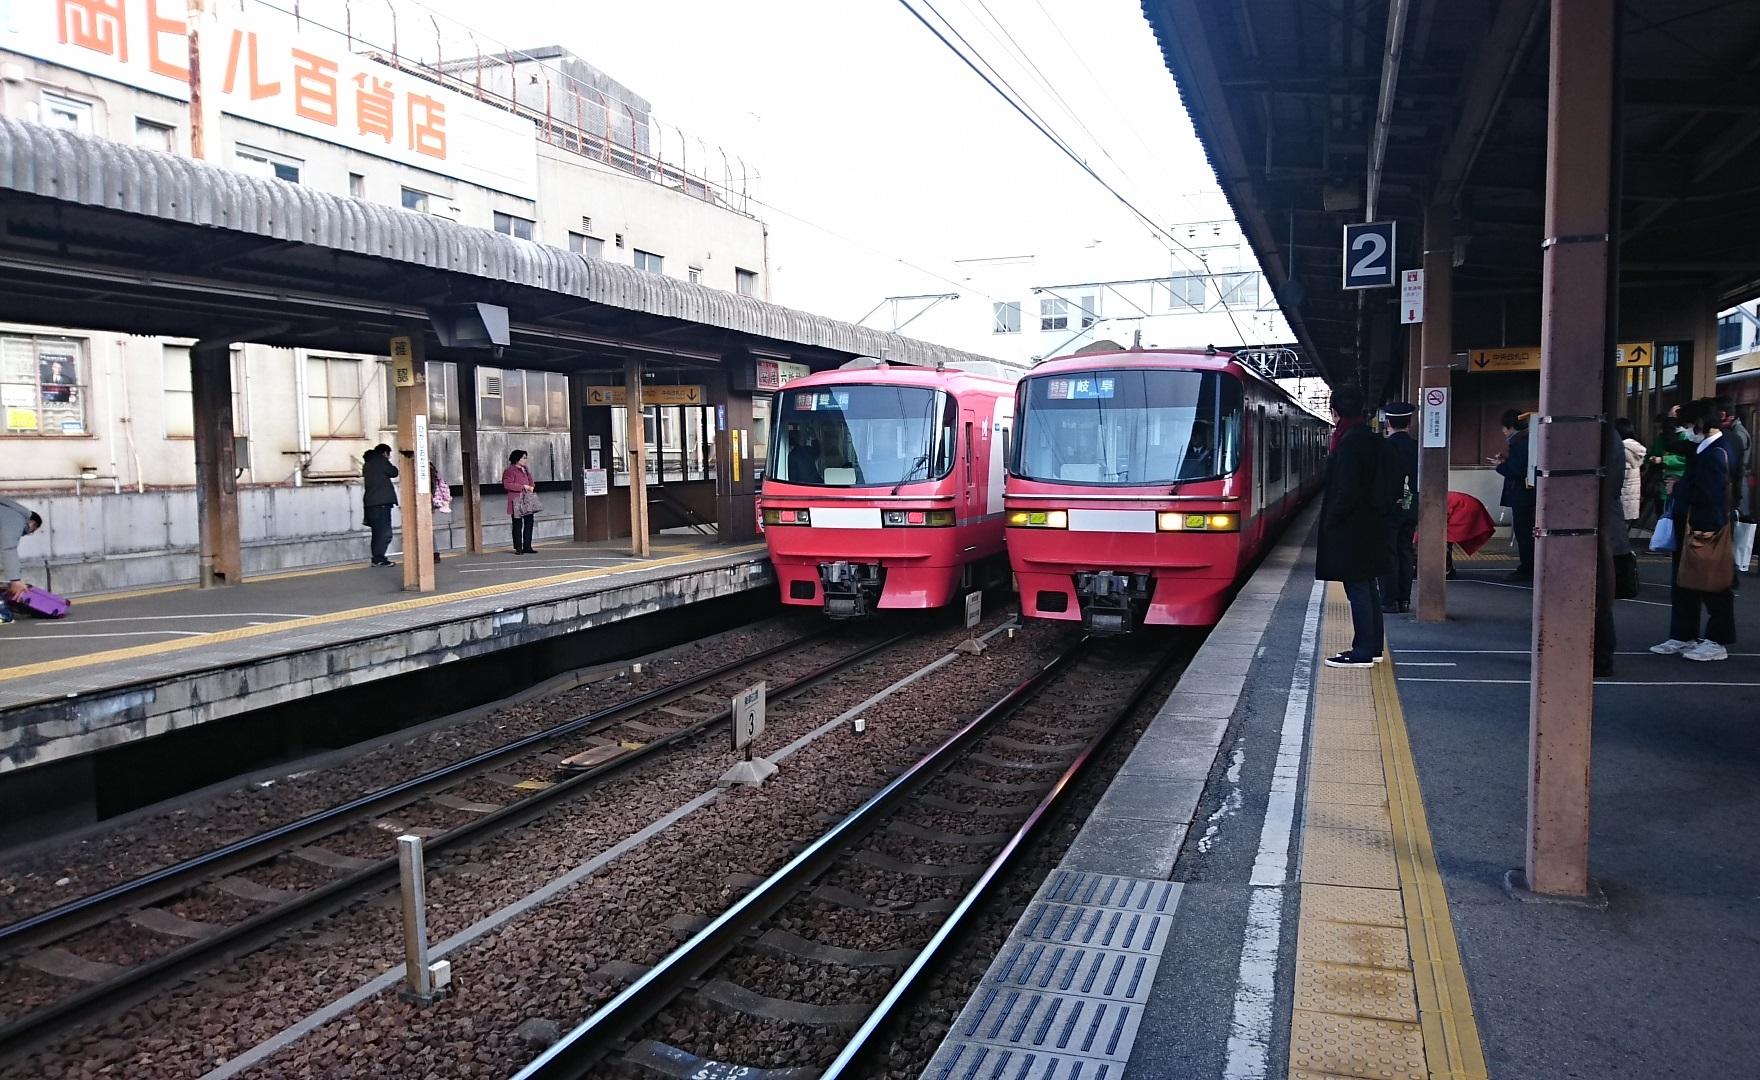 2018.2.23 東岡崎 (14) 東岡崎 - 岐阜いき特急 1760-1080